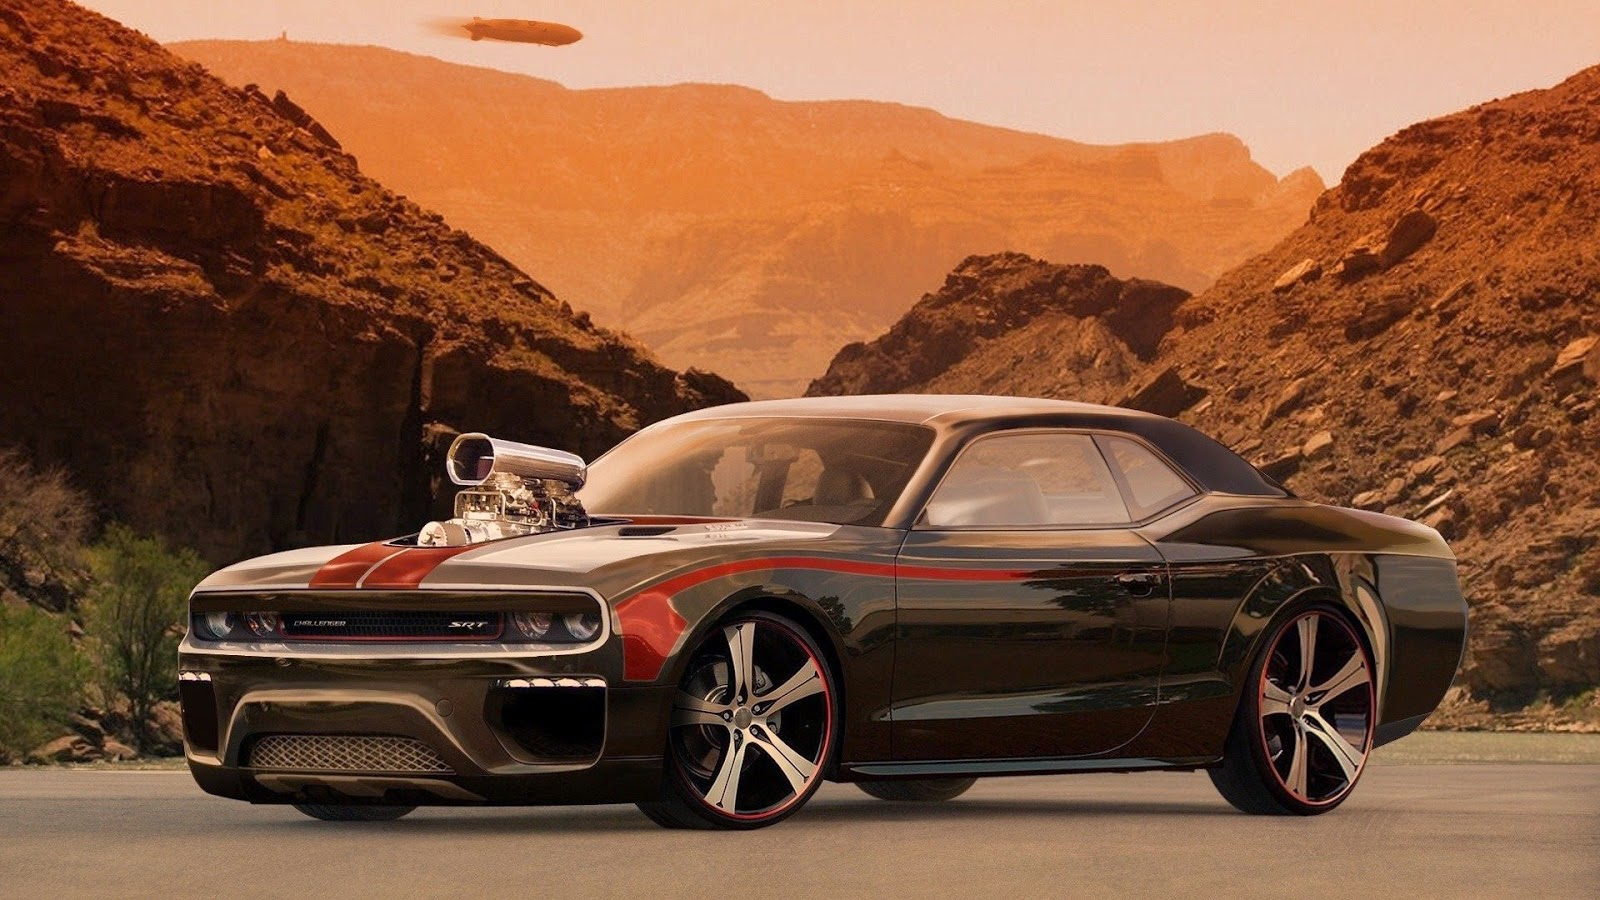 10 Best Muscle Car Wallpaper Free